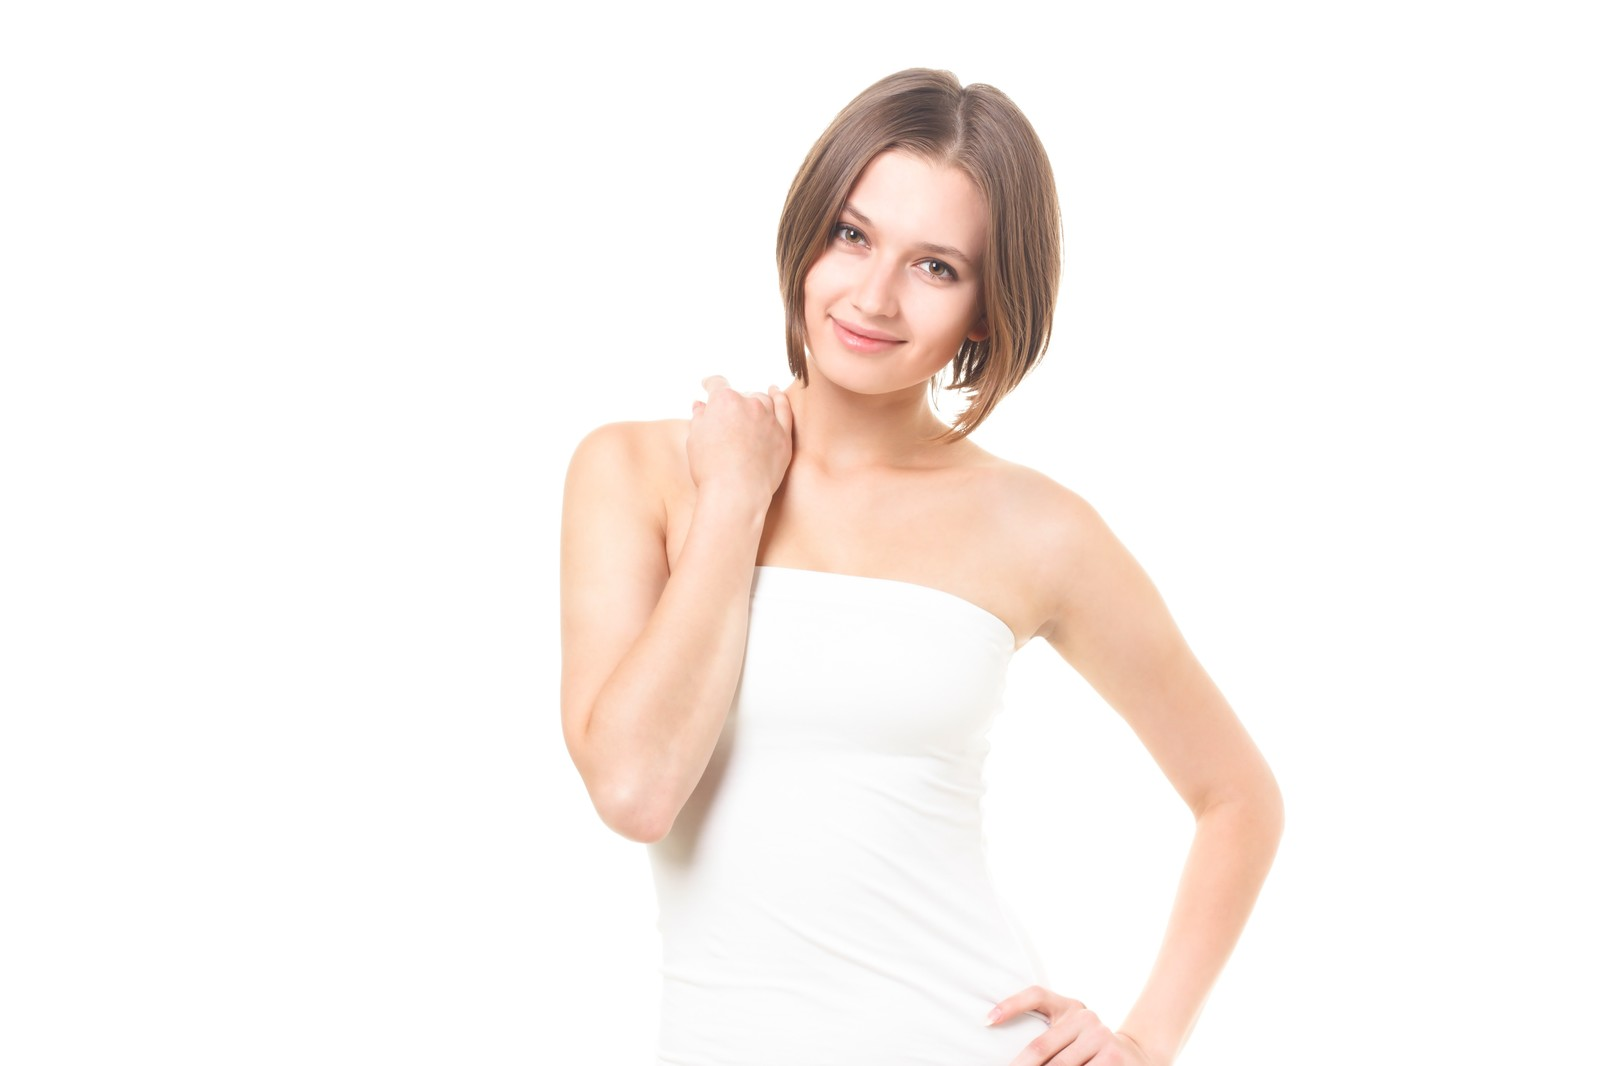 「抜群のプロポーションの女性抜群のプロポーションの女性」[モデル:モデルファクトリー]のフリー写真素材を拡大